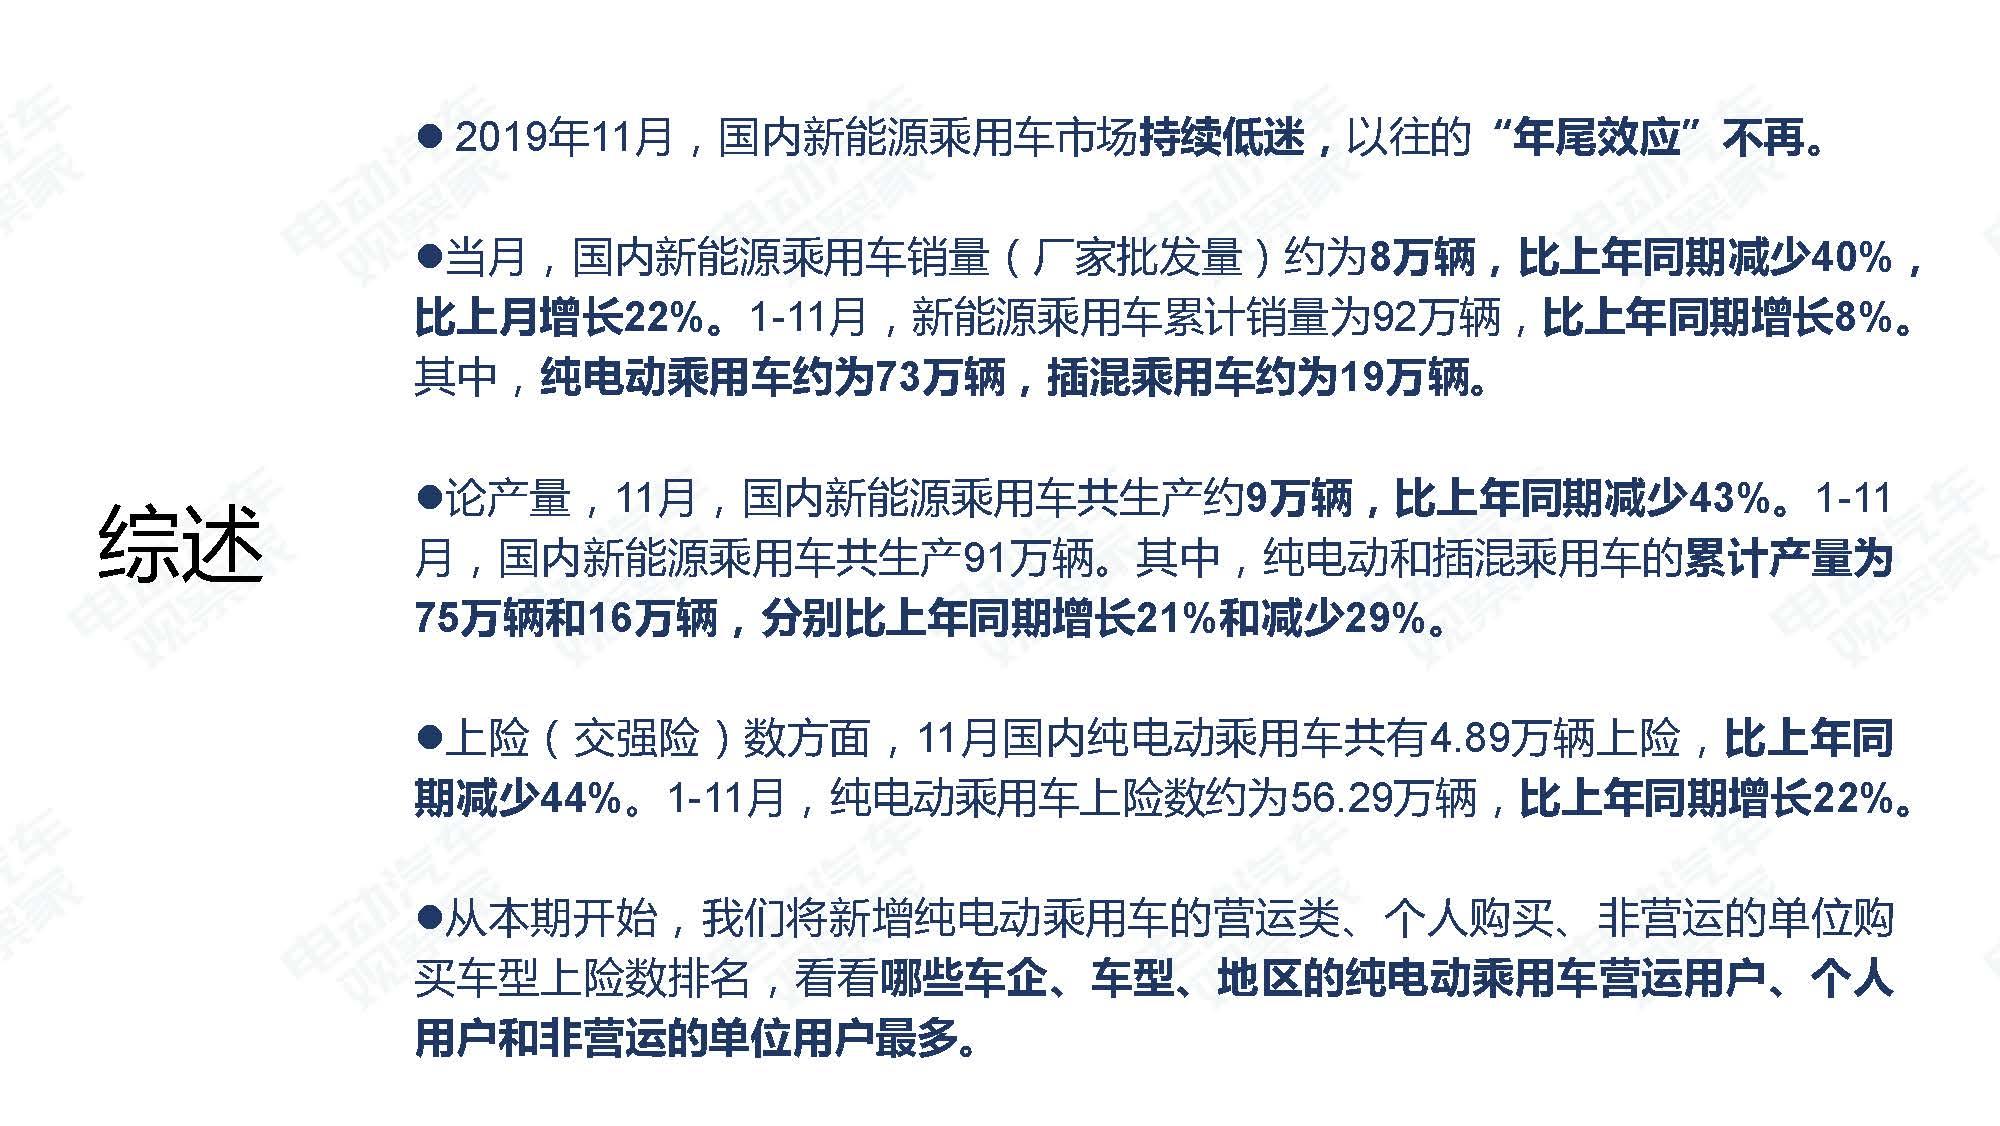 2019年11月中国新能源汽车产业观察_页面_006